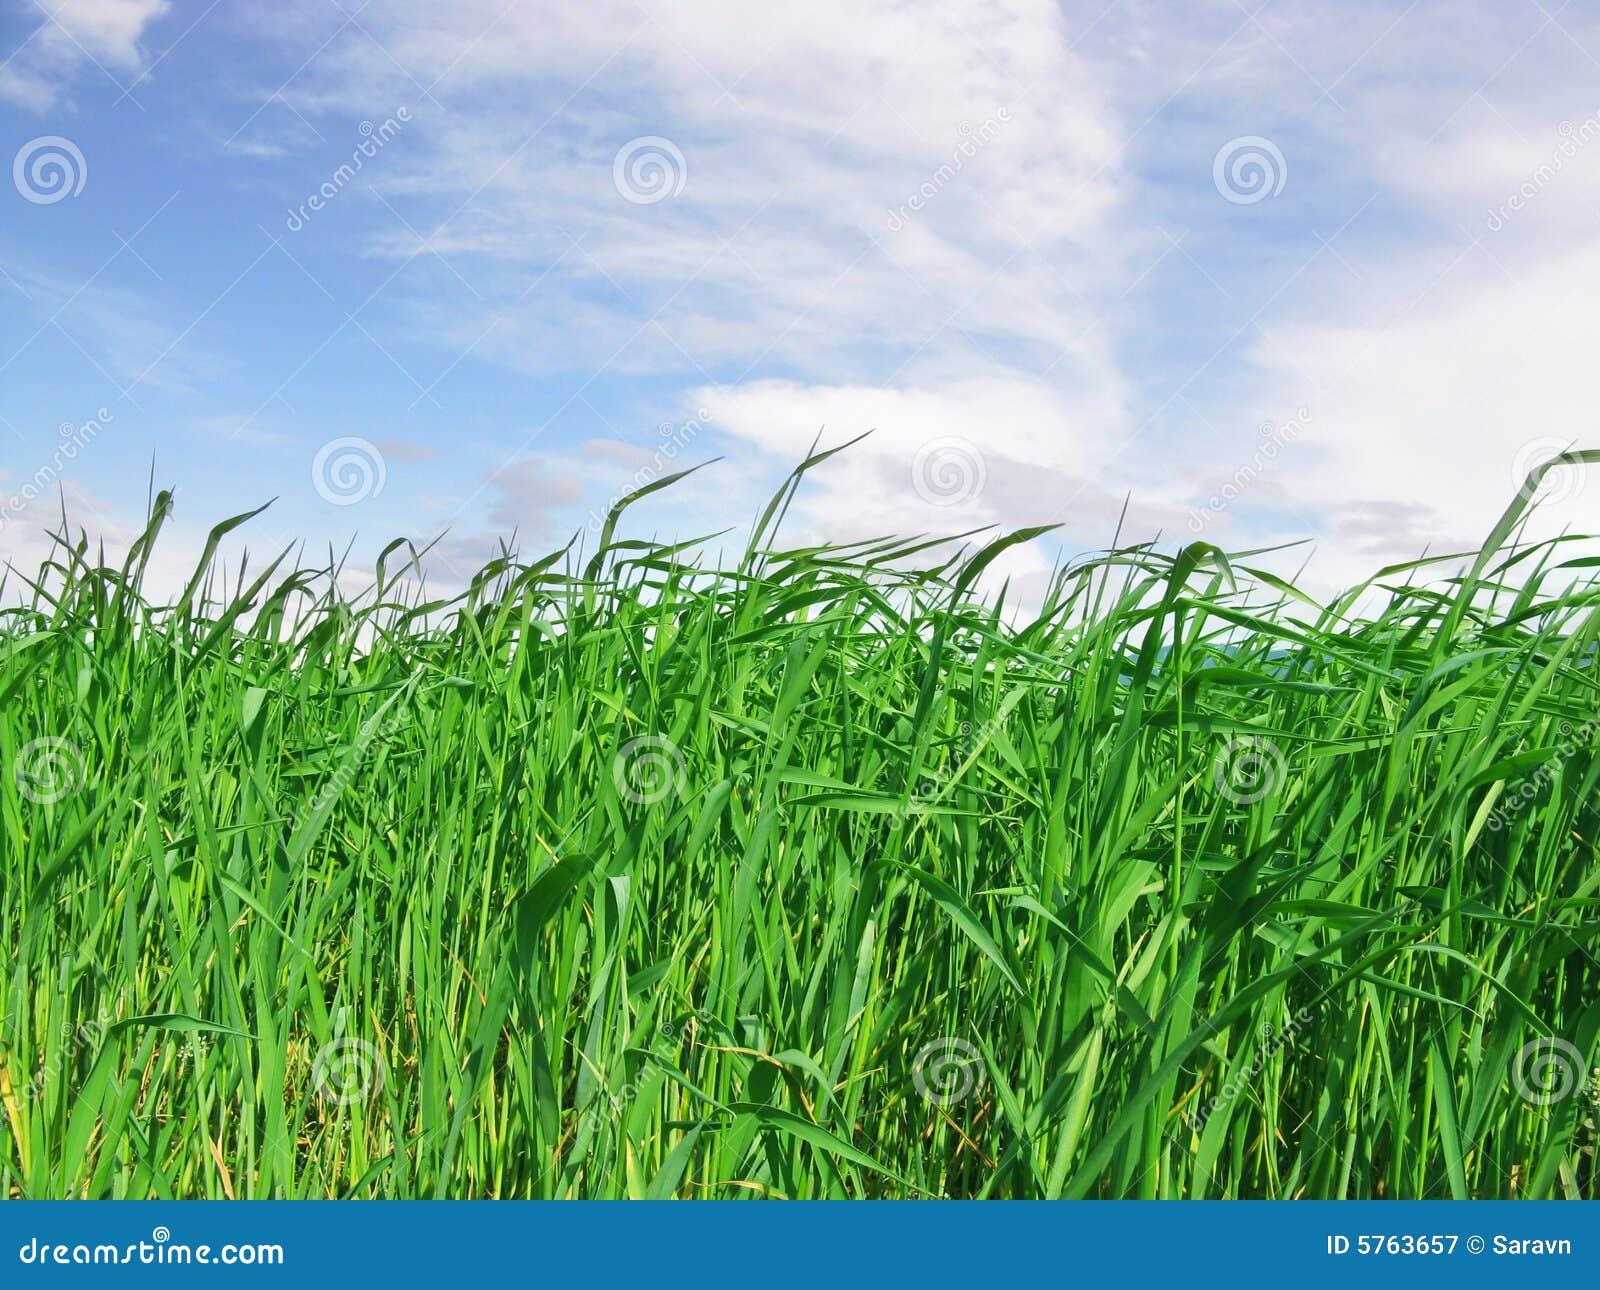 hohes gras mit blauem himmel lizenzfreie stockfotografie bild 5763657. Black Bedroom Furniture Sets. Home Design Ideas